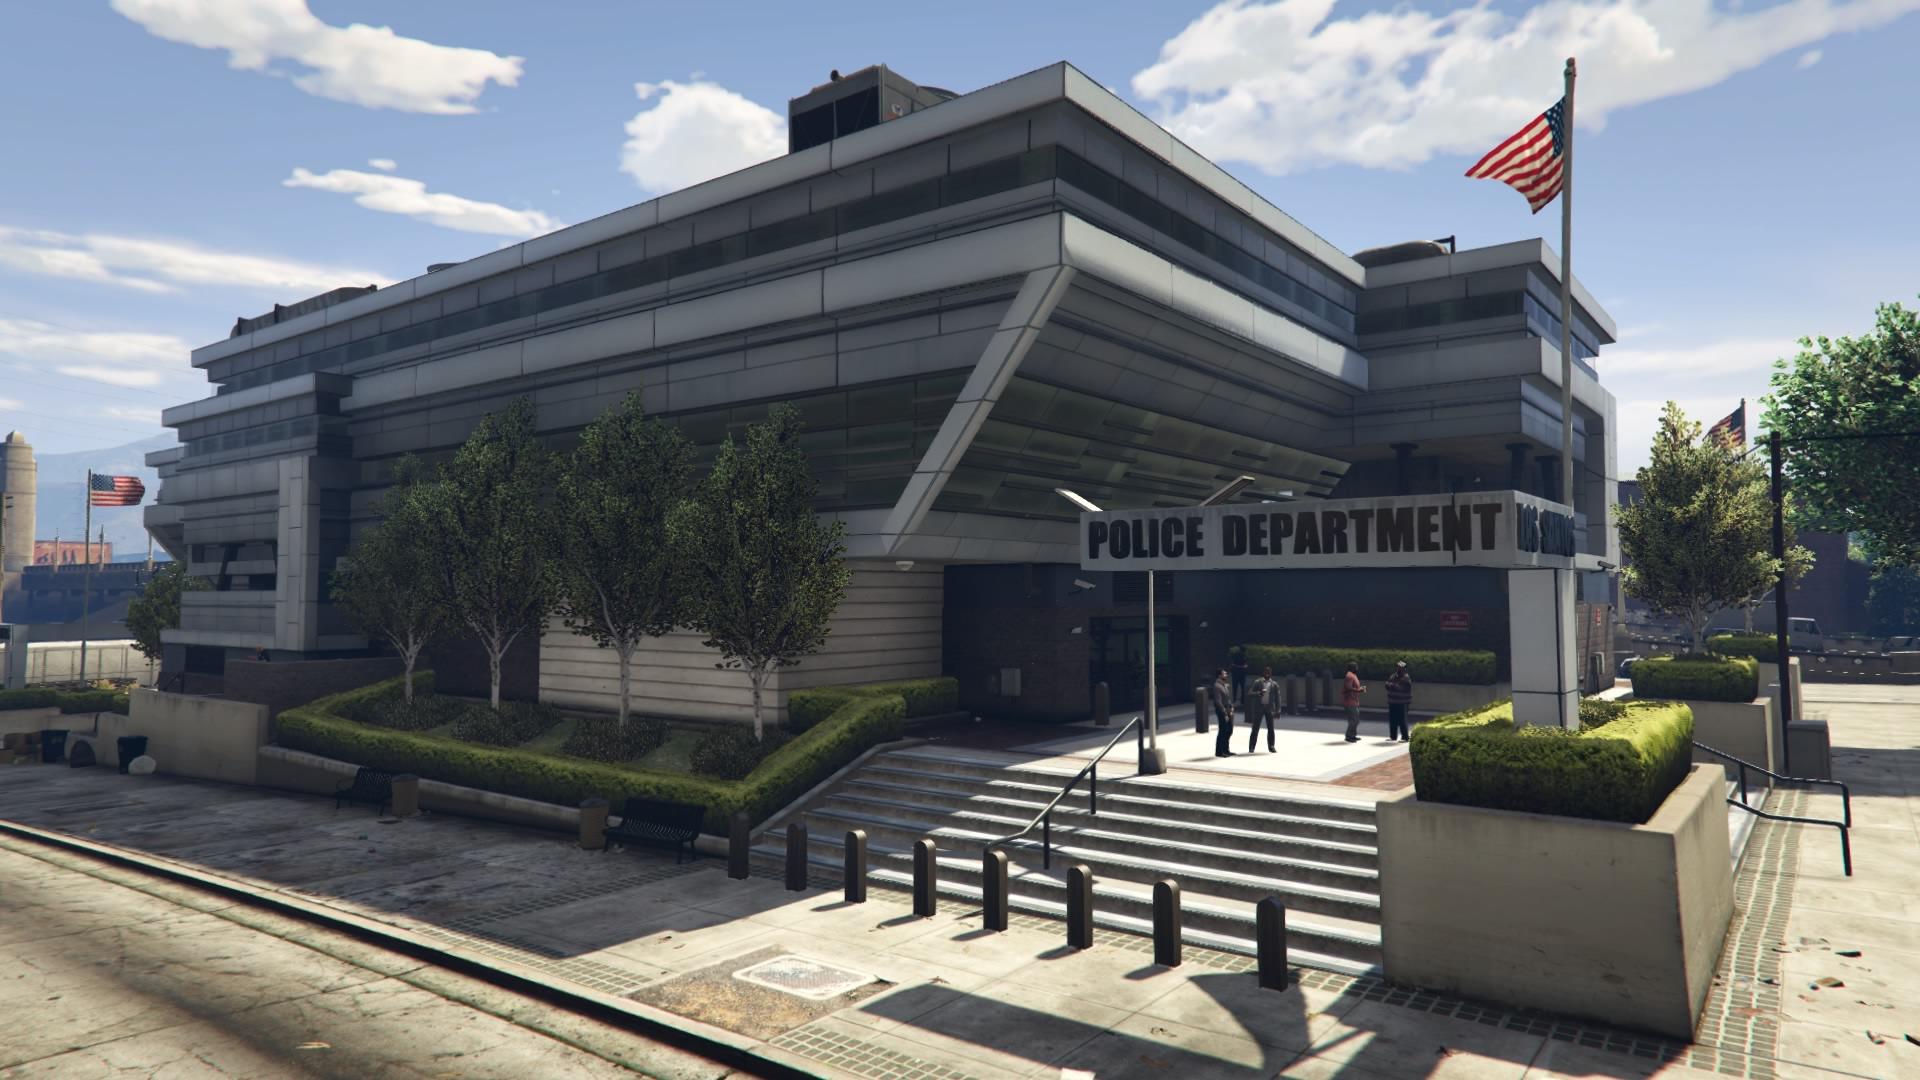 Mission Row Police Station  GTA Wiki  FANDOM powered by Wikia